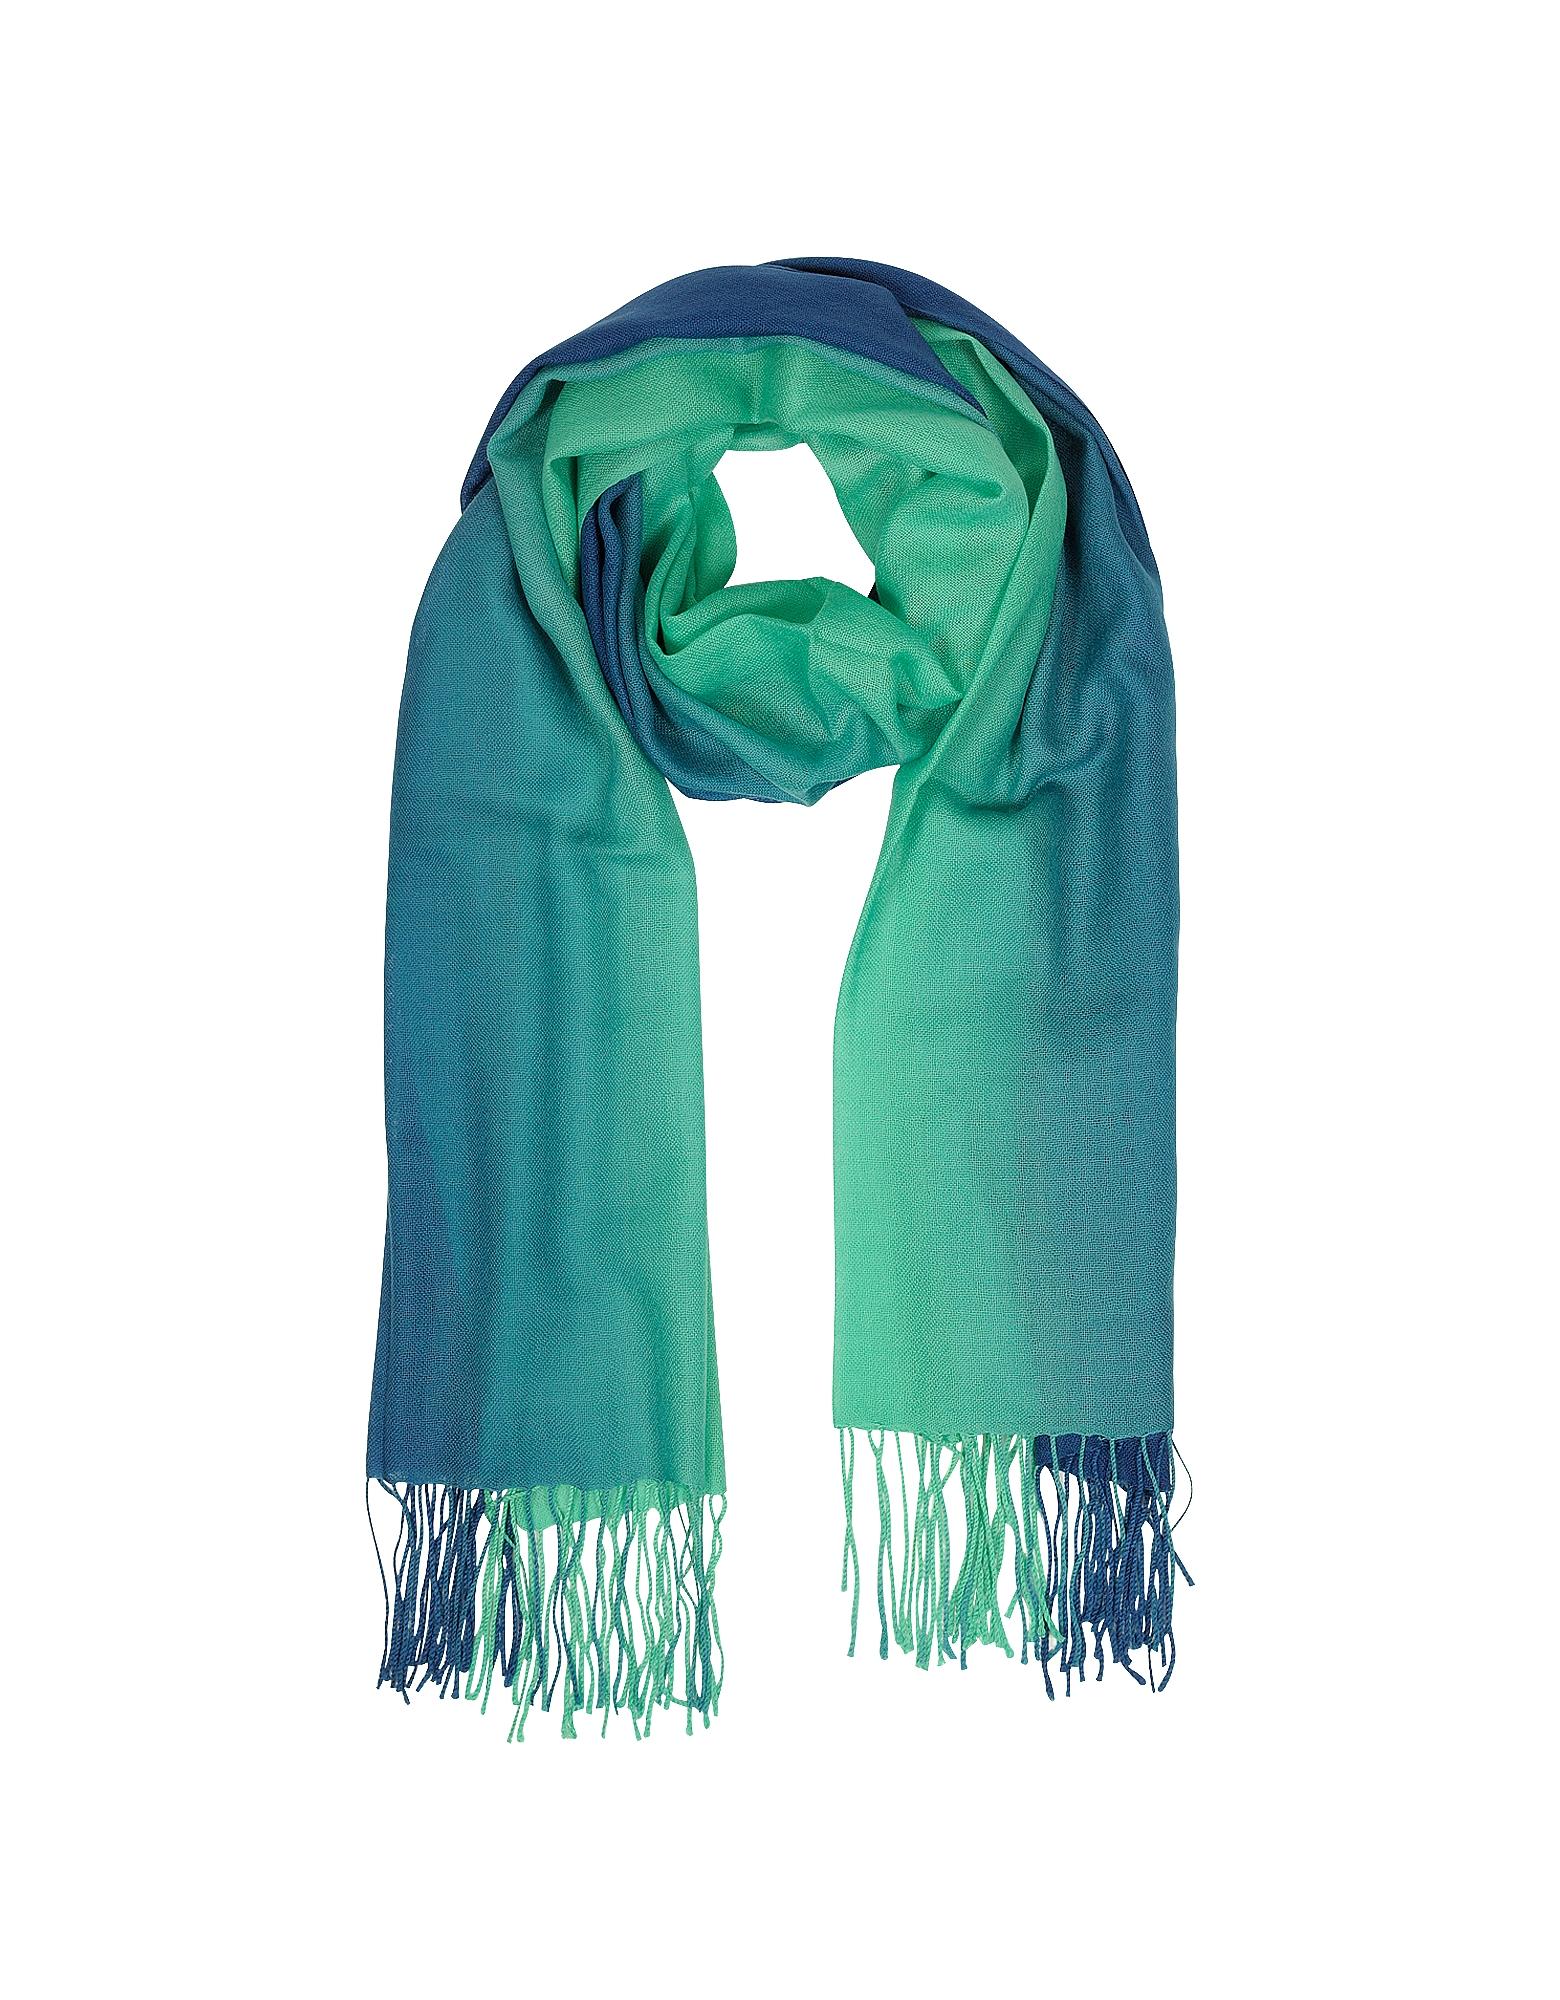 Mila Schon Палантин из Шерсти из Кашемира Градиентных Синего /Зеленого Оттенка с Бахромой